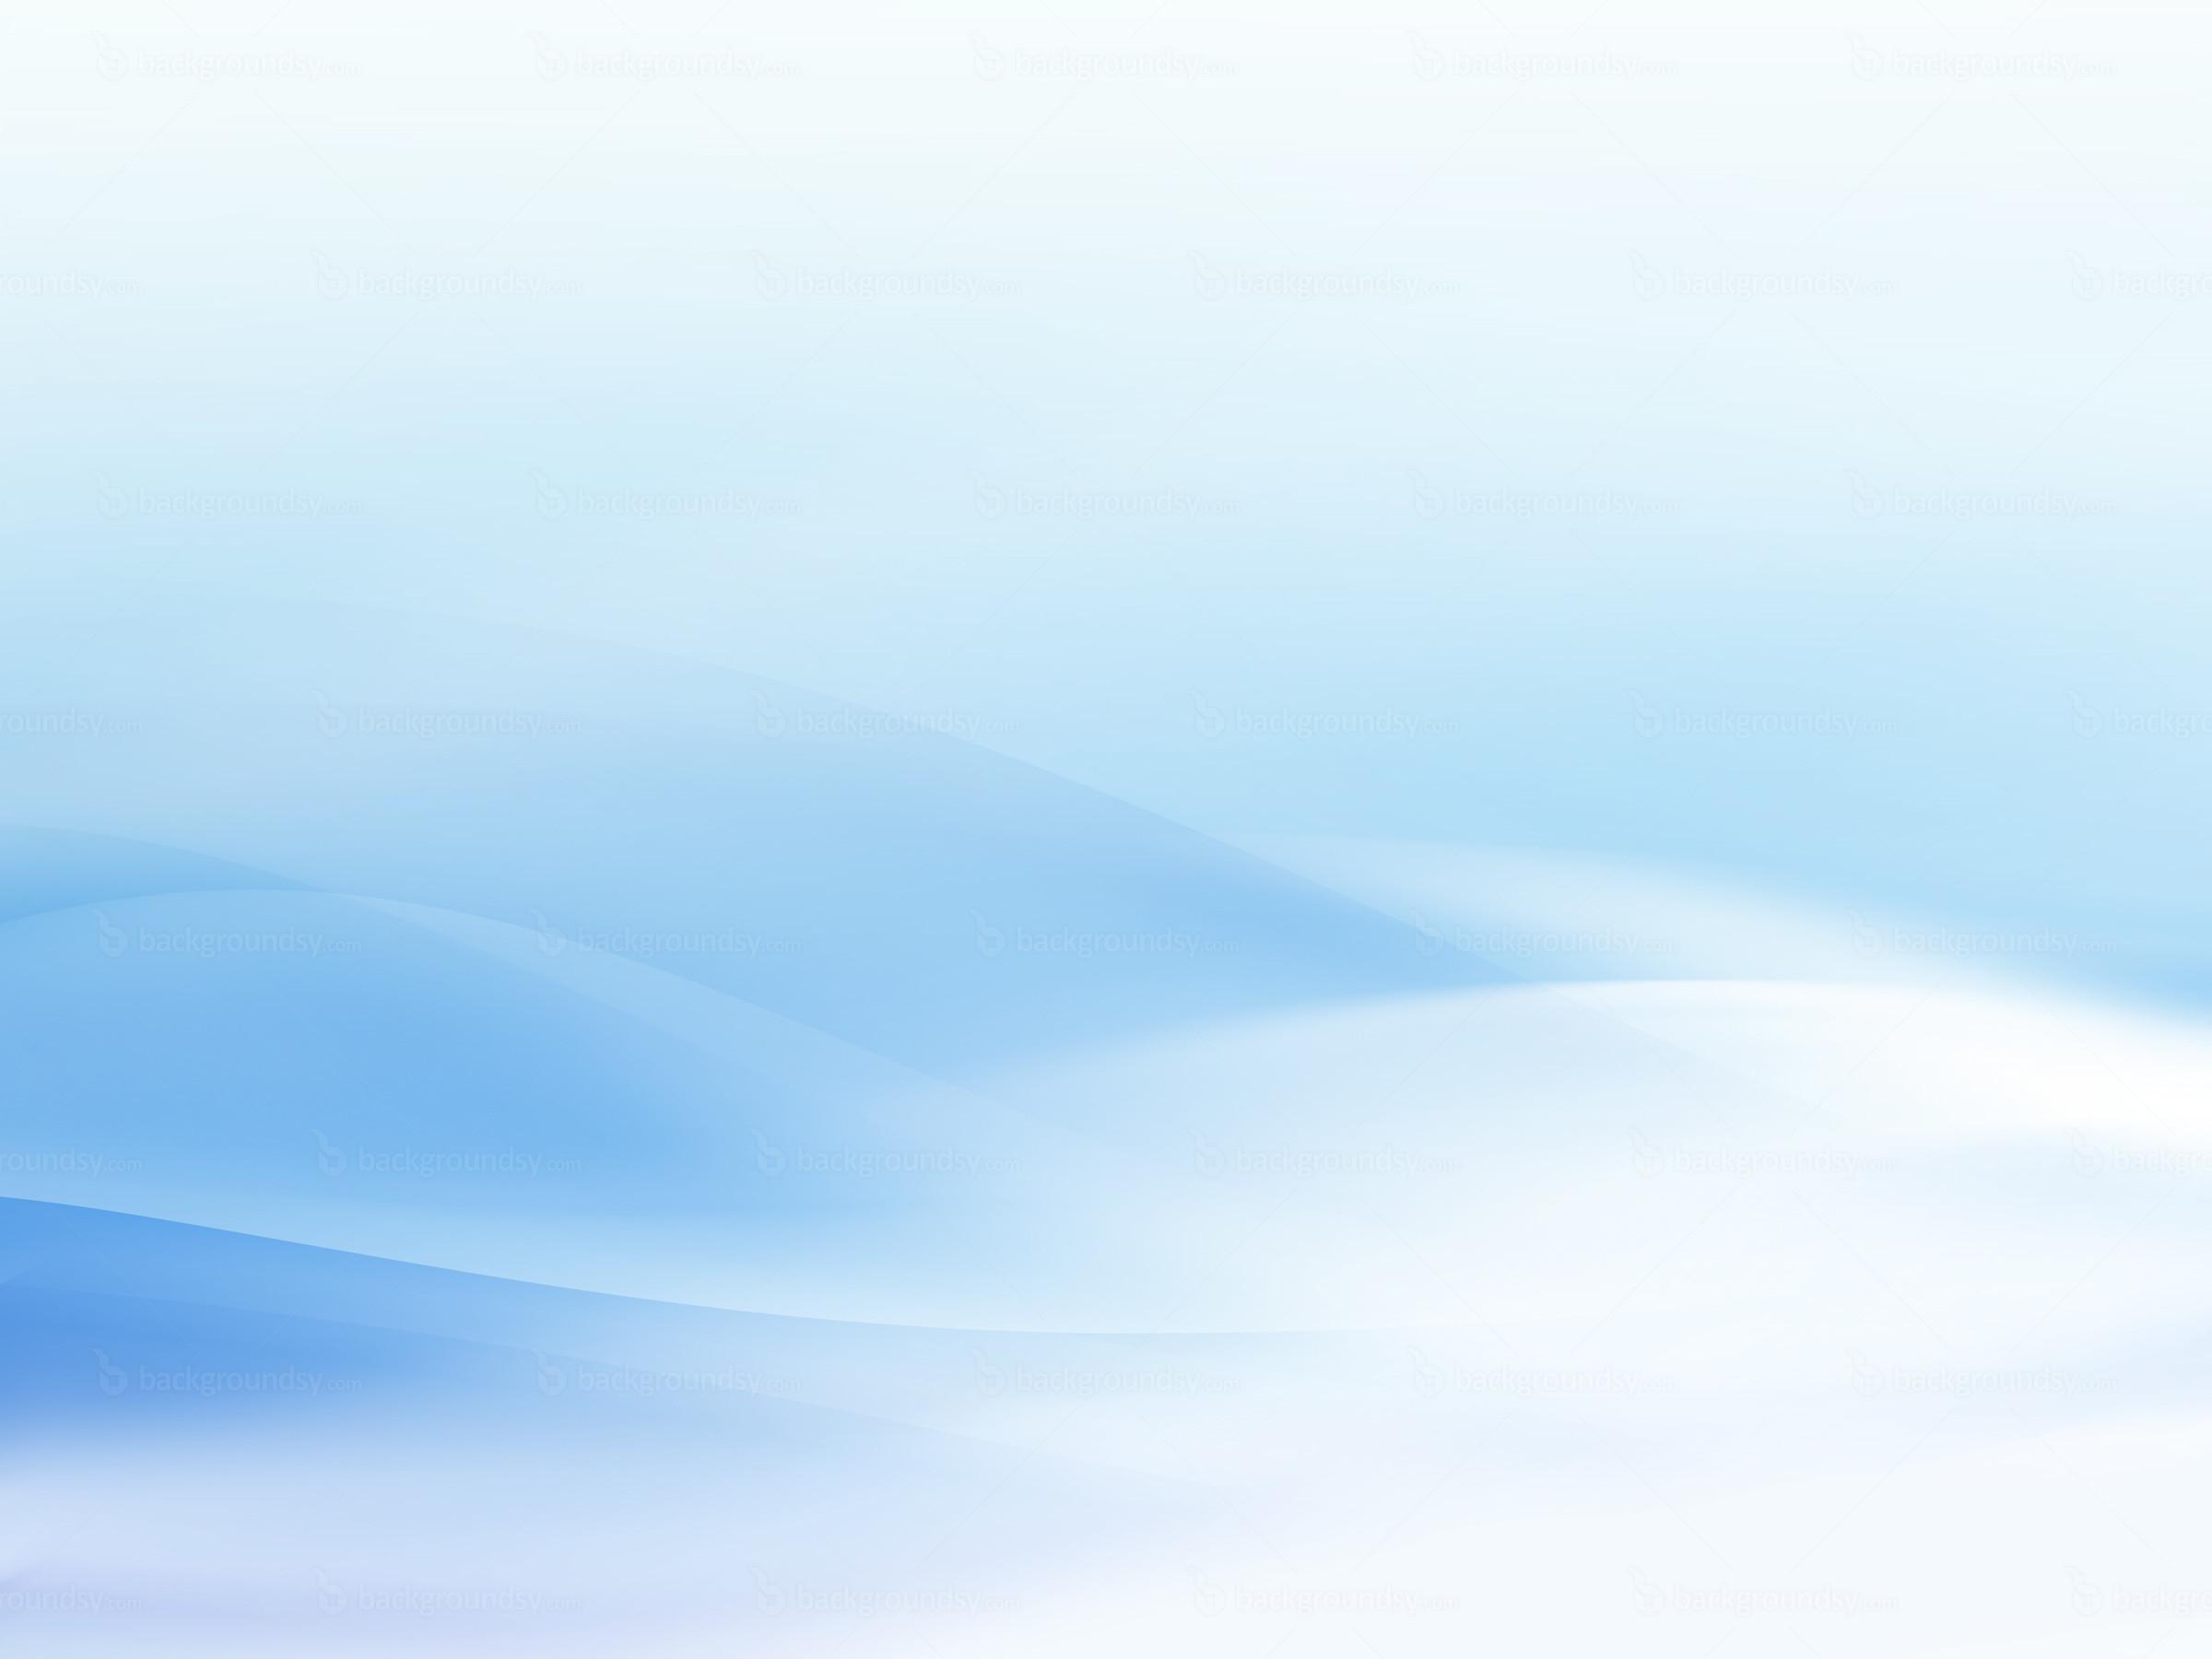 Sfondi azzurro chiaro 45 immagini for Sfondi blu hd